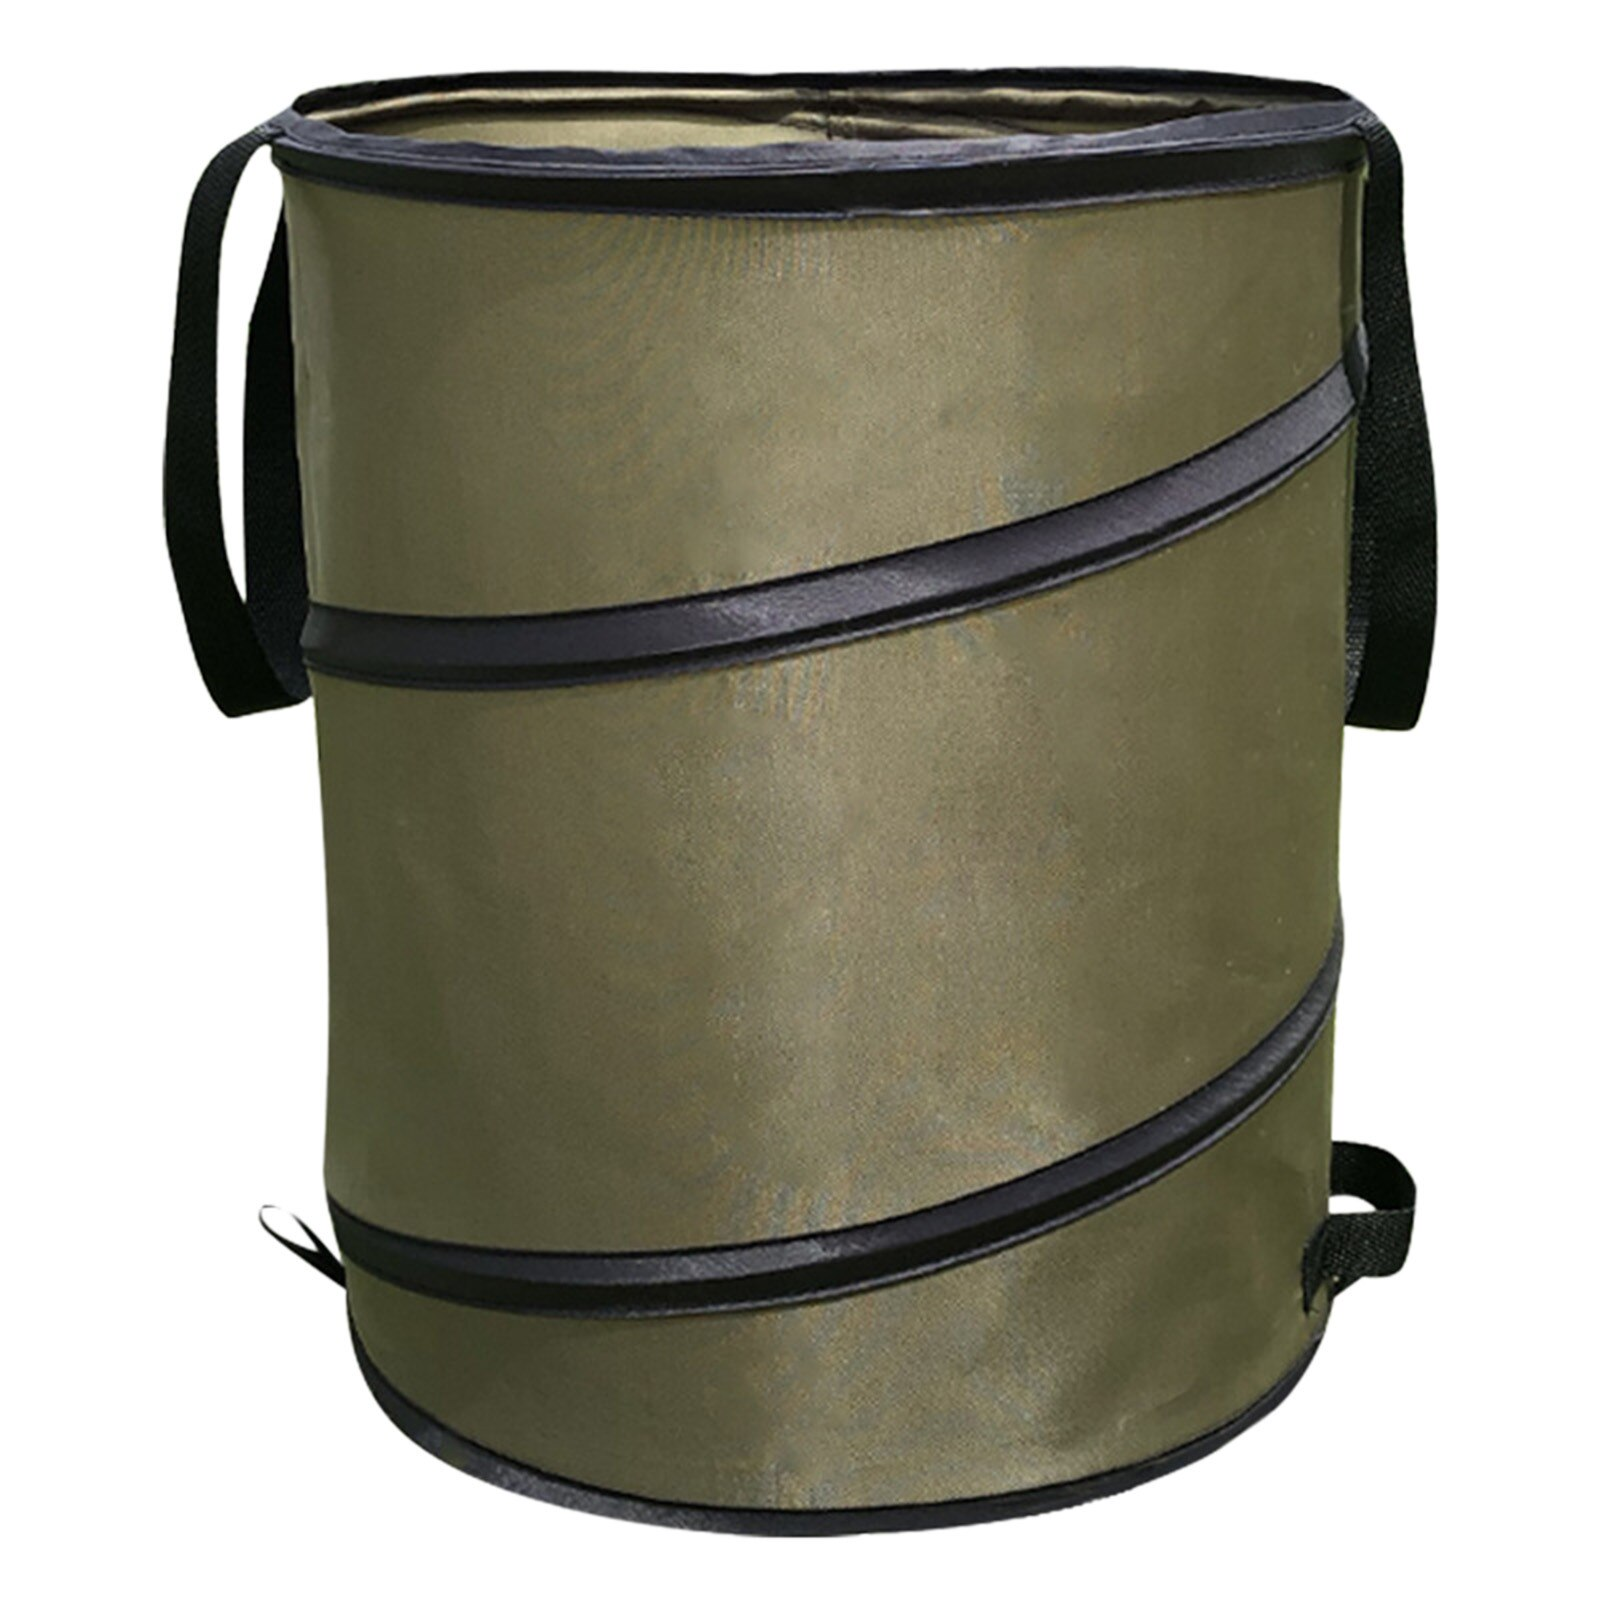 Contenedor plegable reutilizable para exteriores, bolsa de jardinería de 10 galones, resistente...